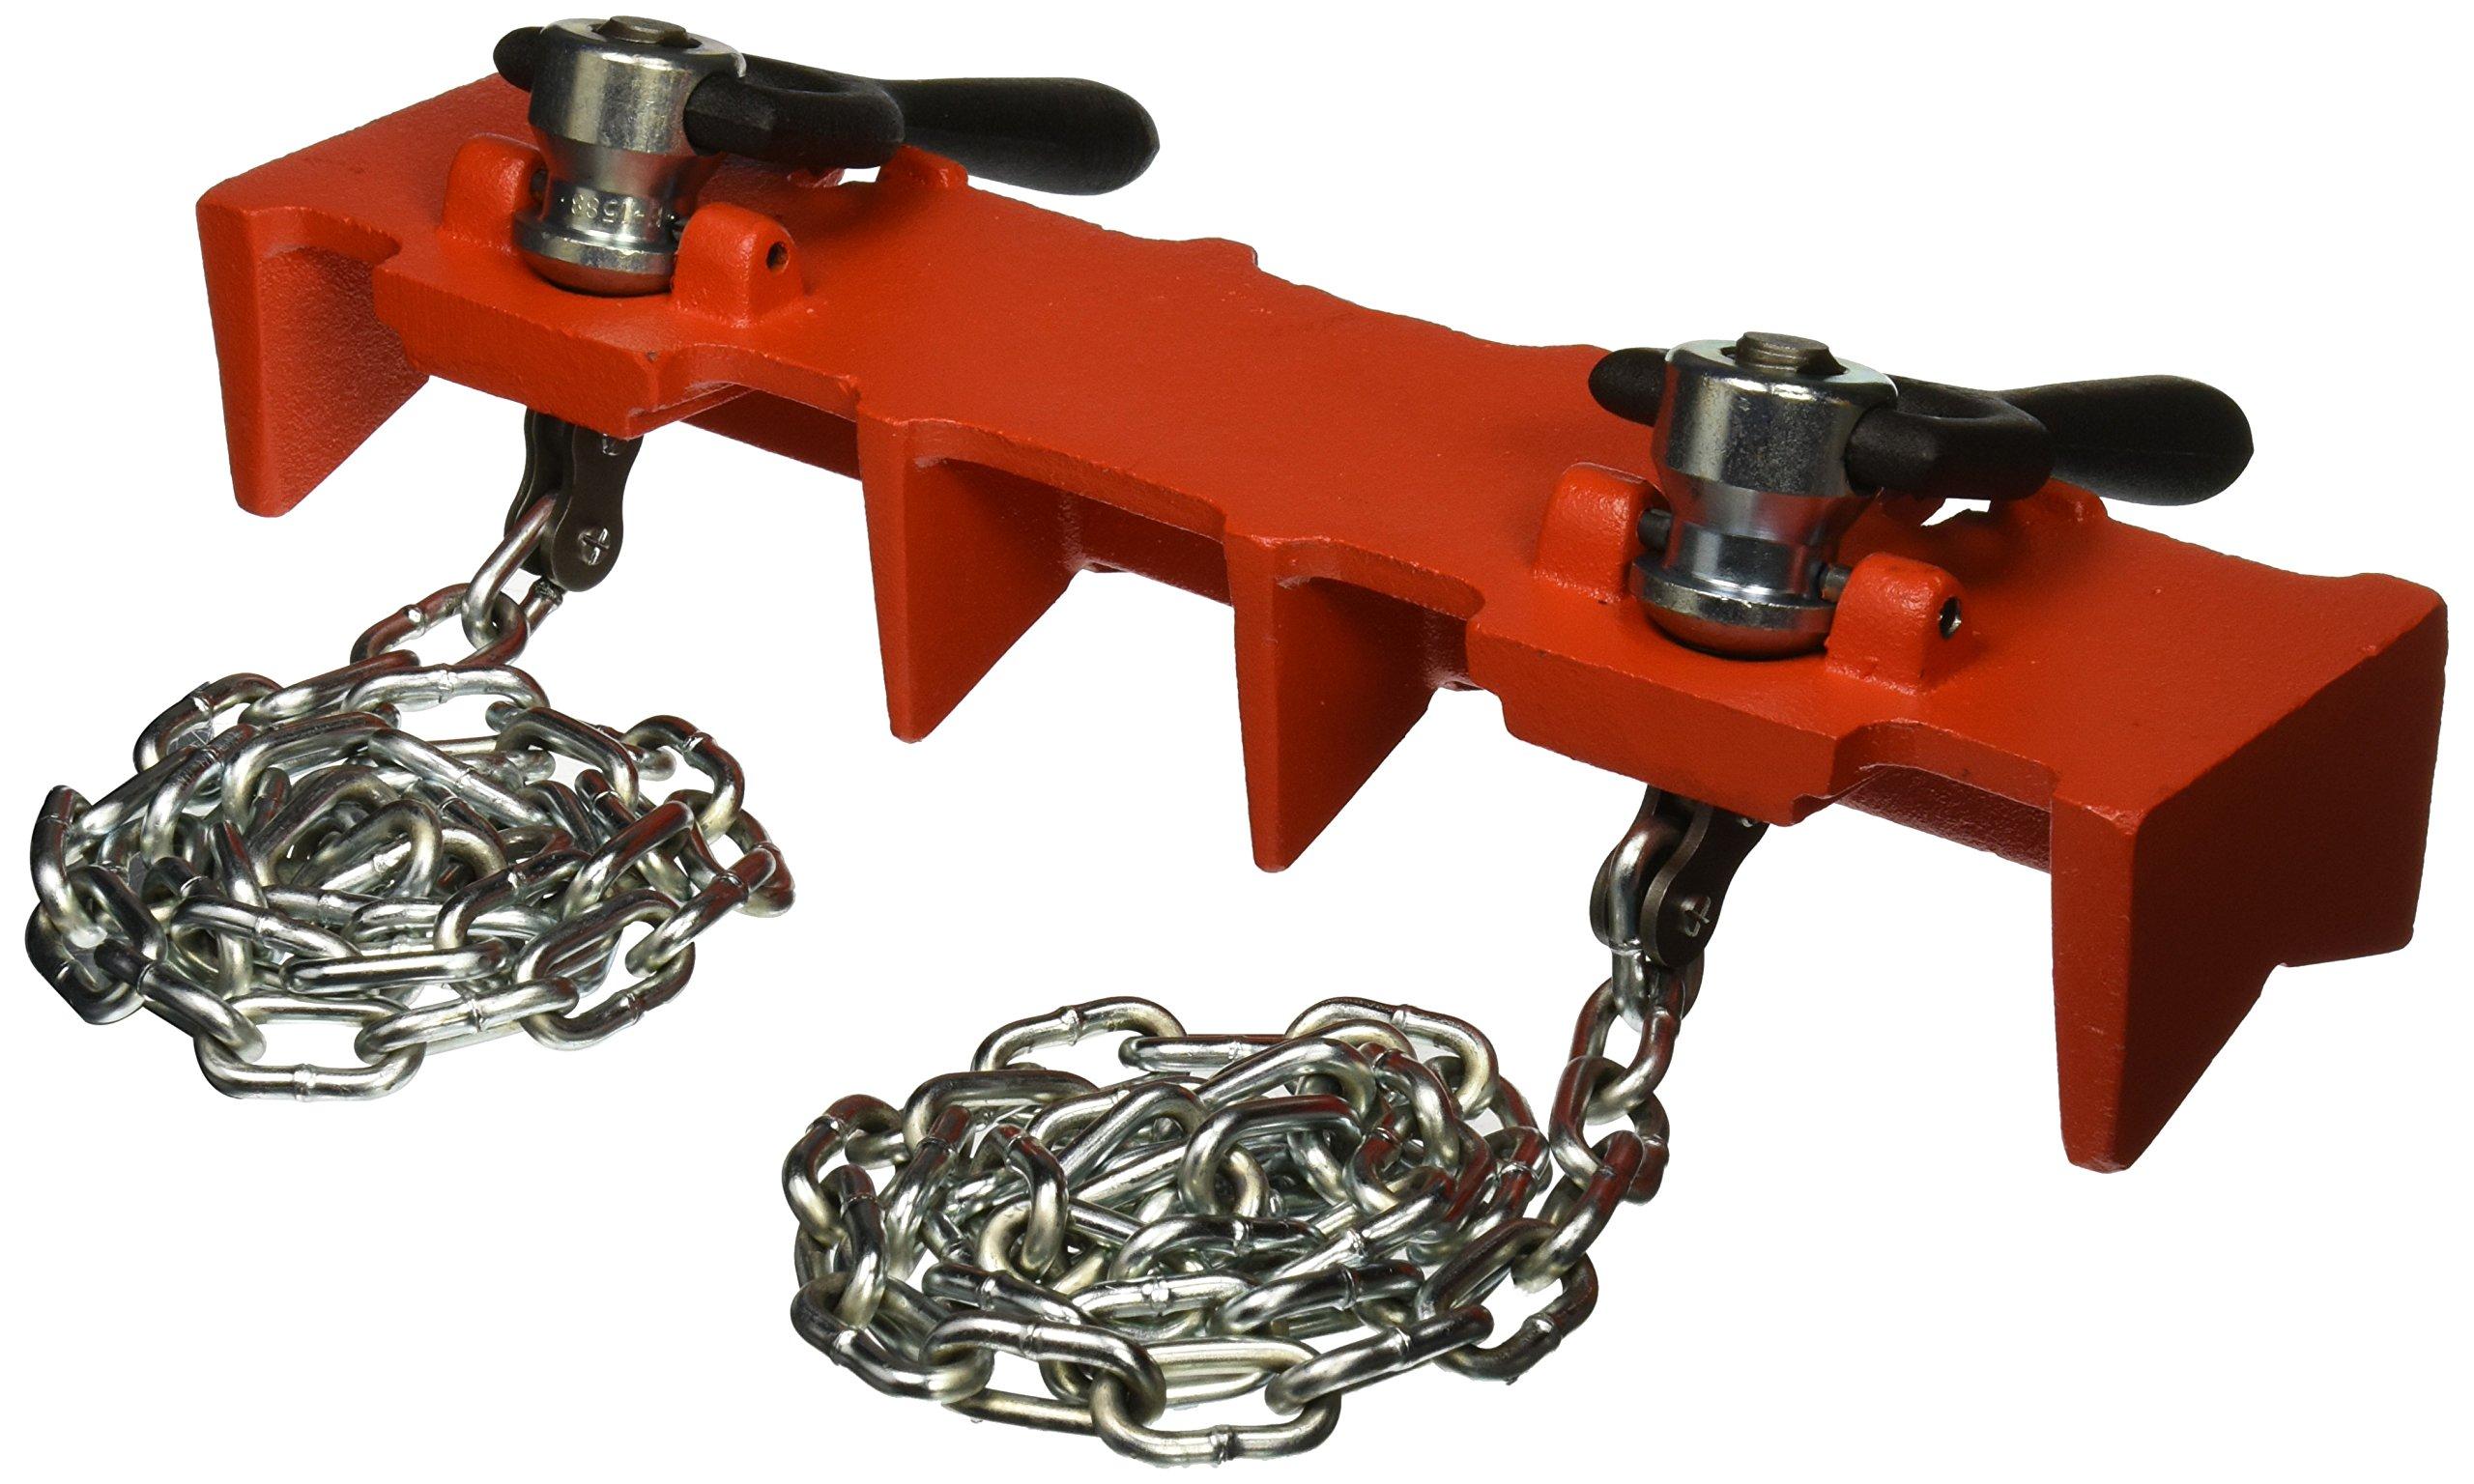 RIDGID 40220 461 Straight Pipe Welding